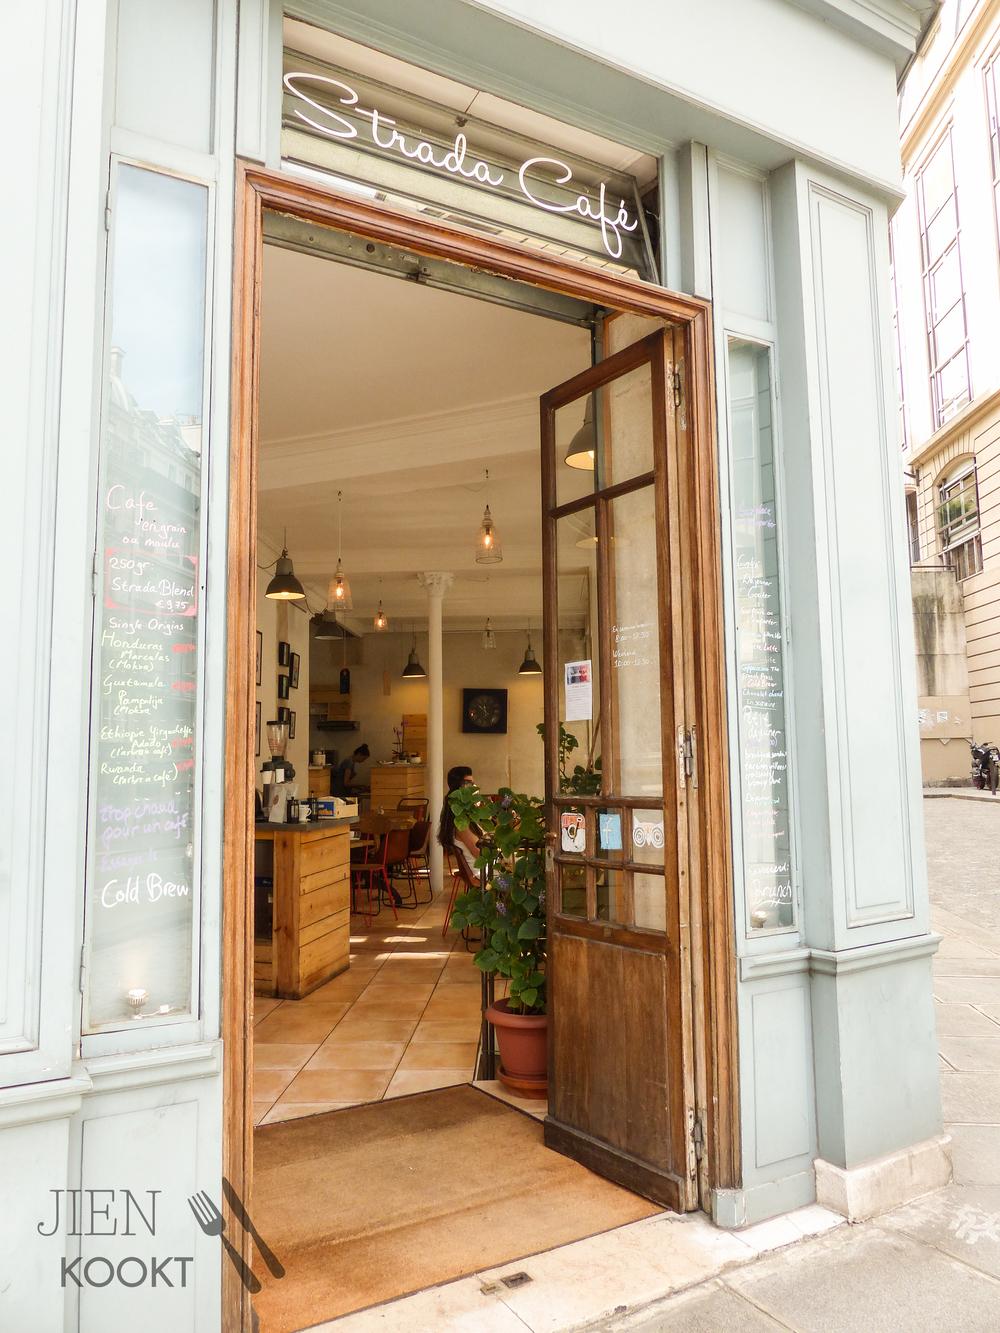 Strada Café, een plek om heerlijk te ontbijten, lunchen en vooral hele lekkere koffie te drinken.